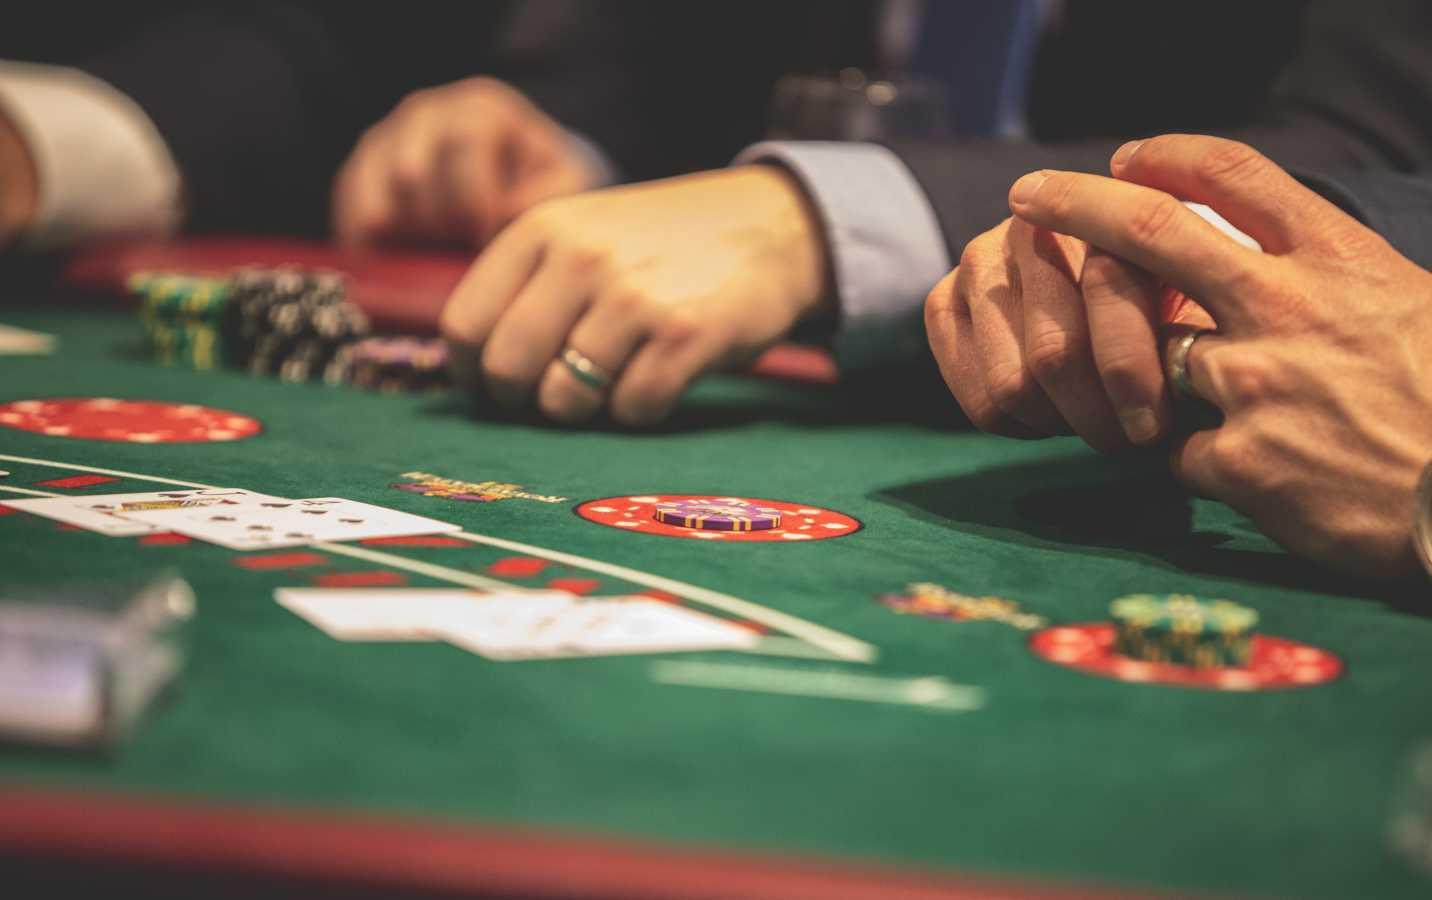 21-card-game-bet-black-jack-1871508